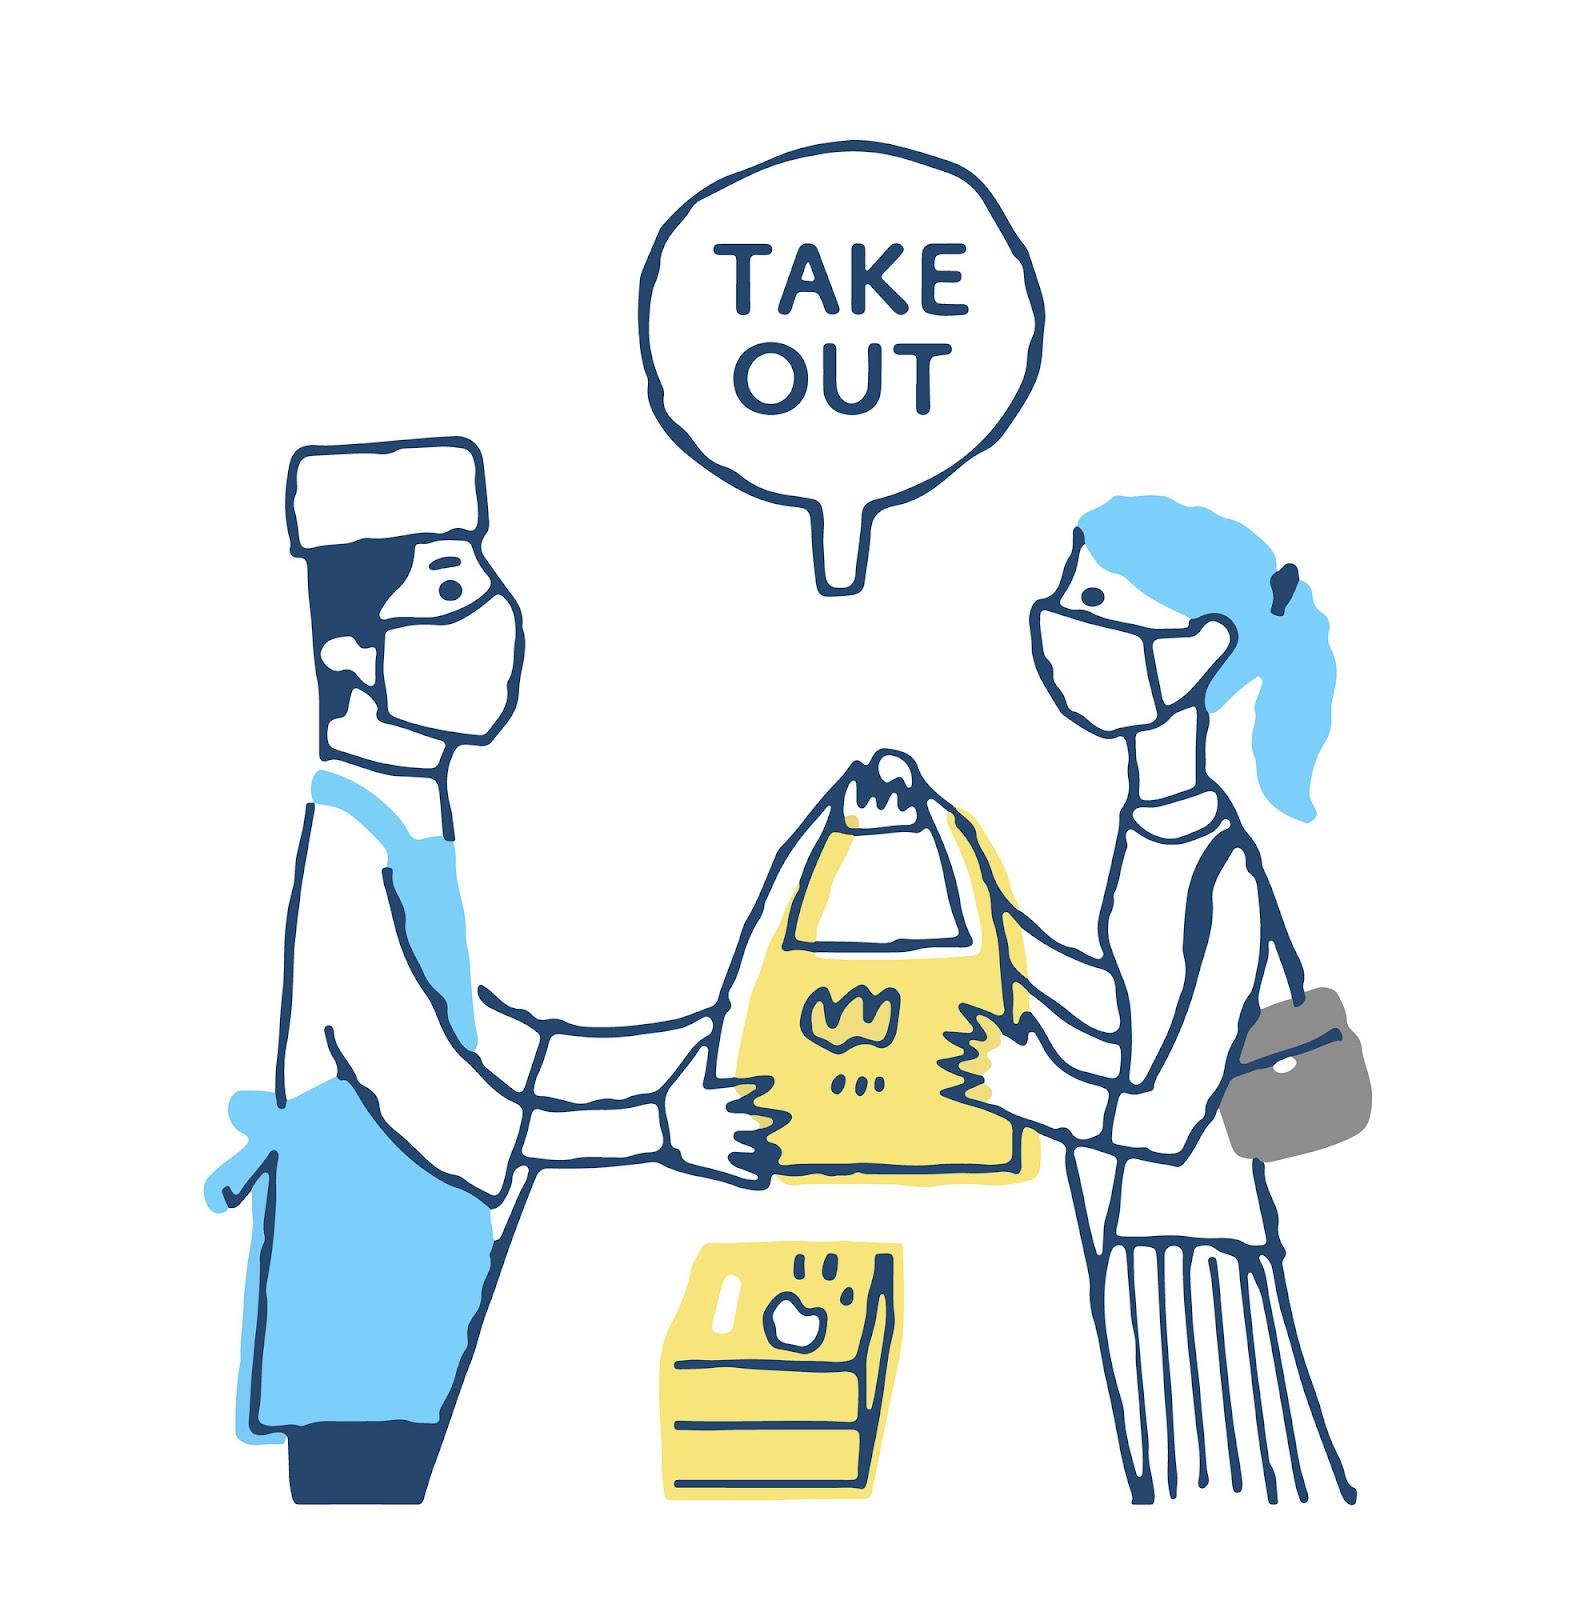 Shopifyでテイクアウト(お取り置きサービス)を実現する方法。テイクアウトのイメージ。